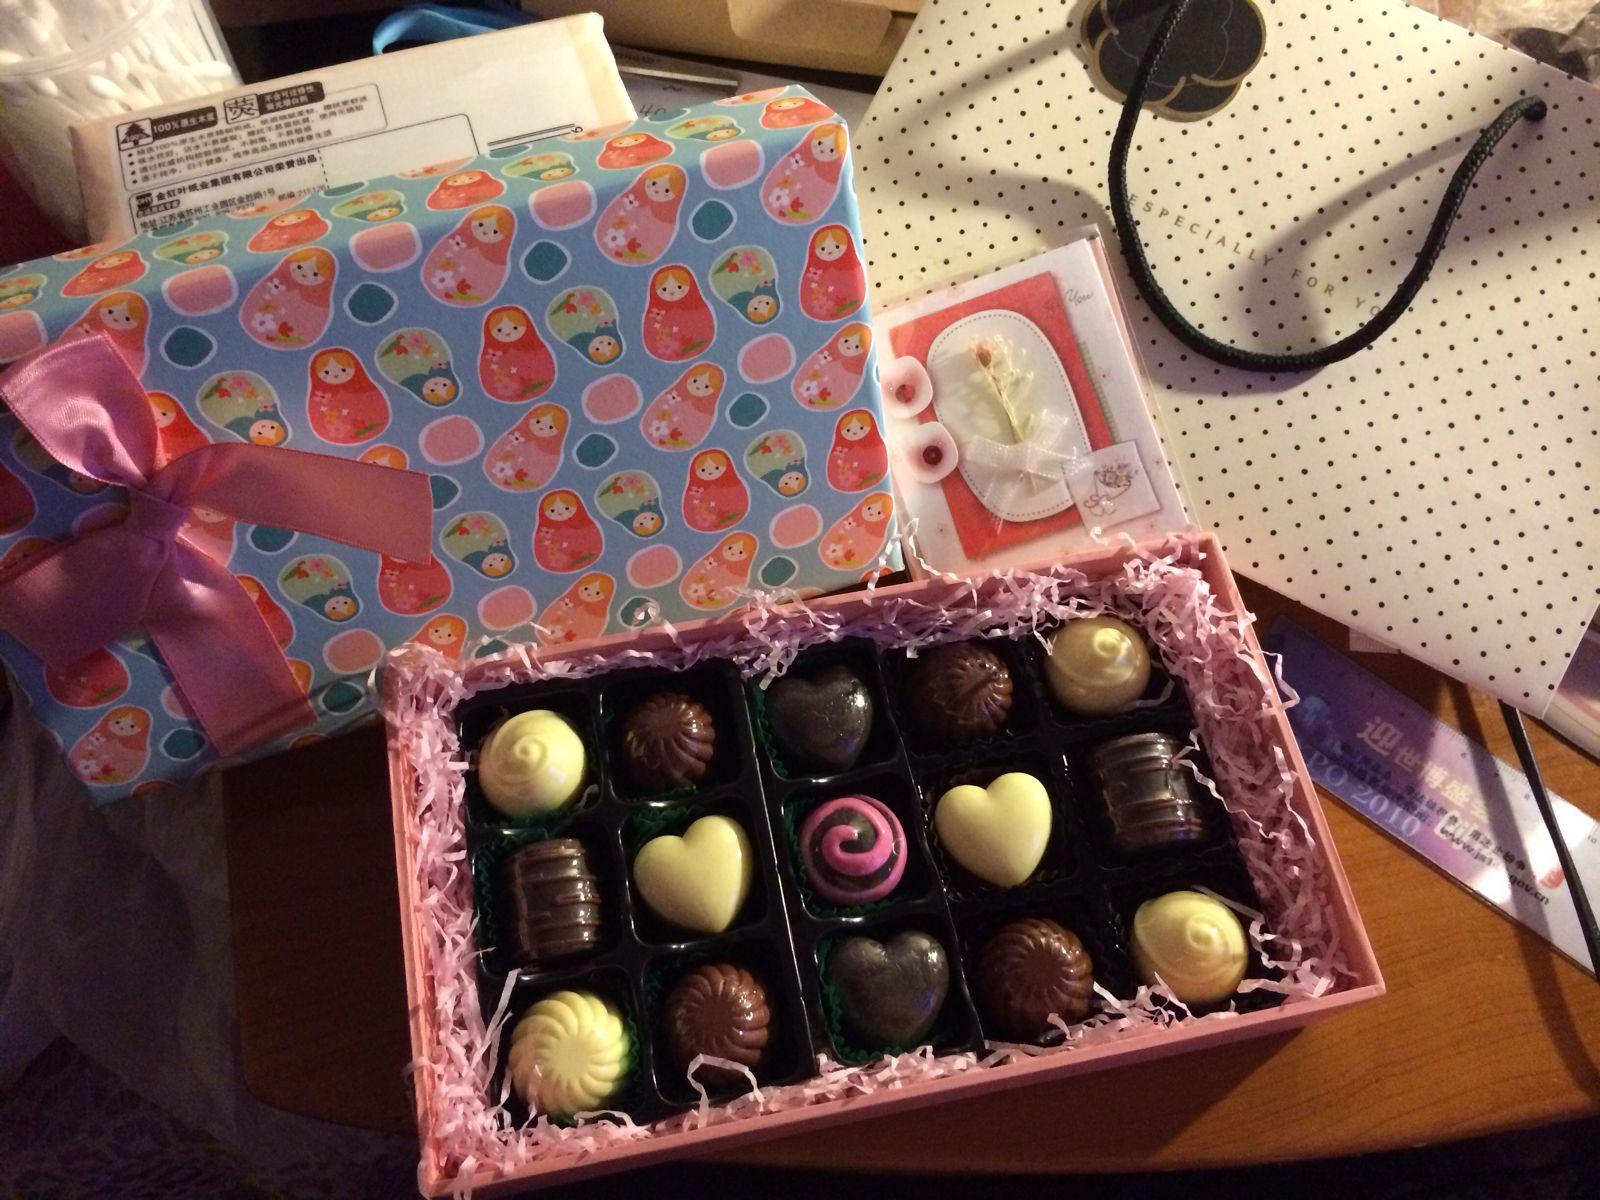 女生生日礼物送什么好图片